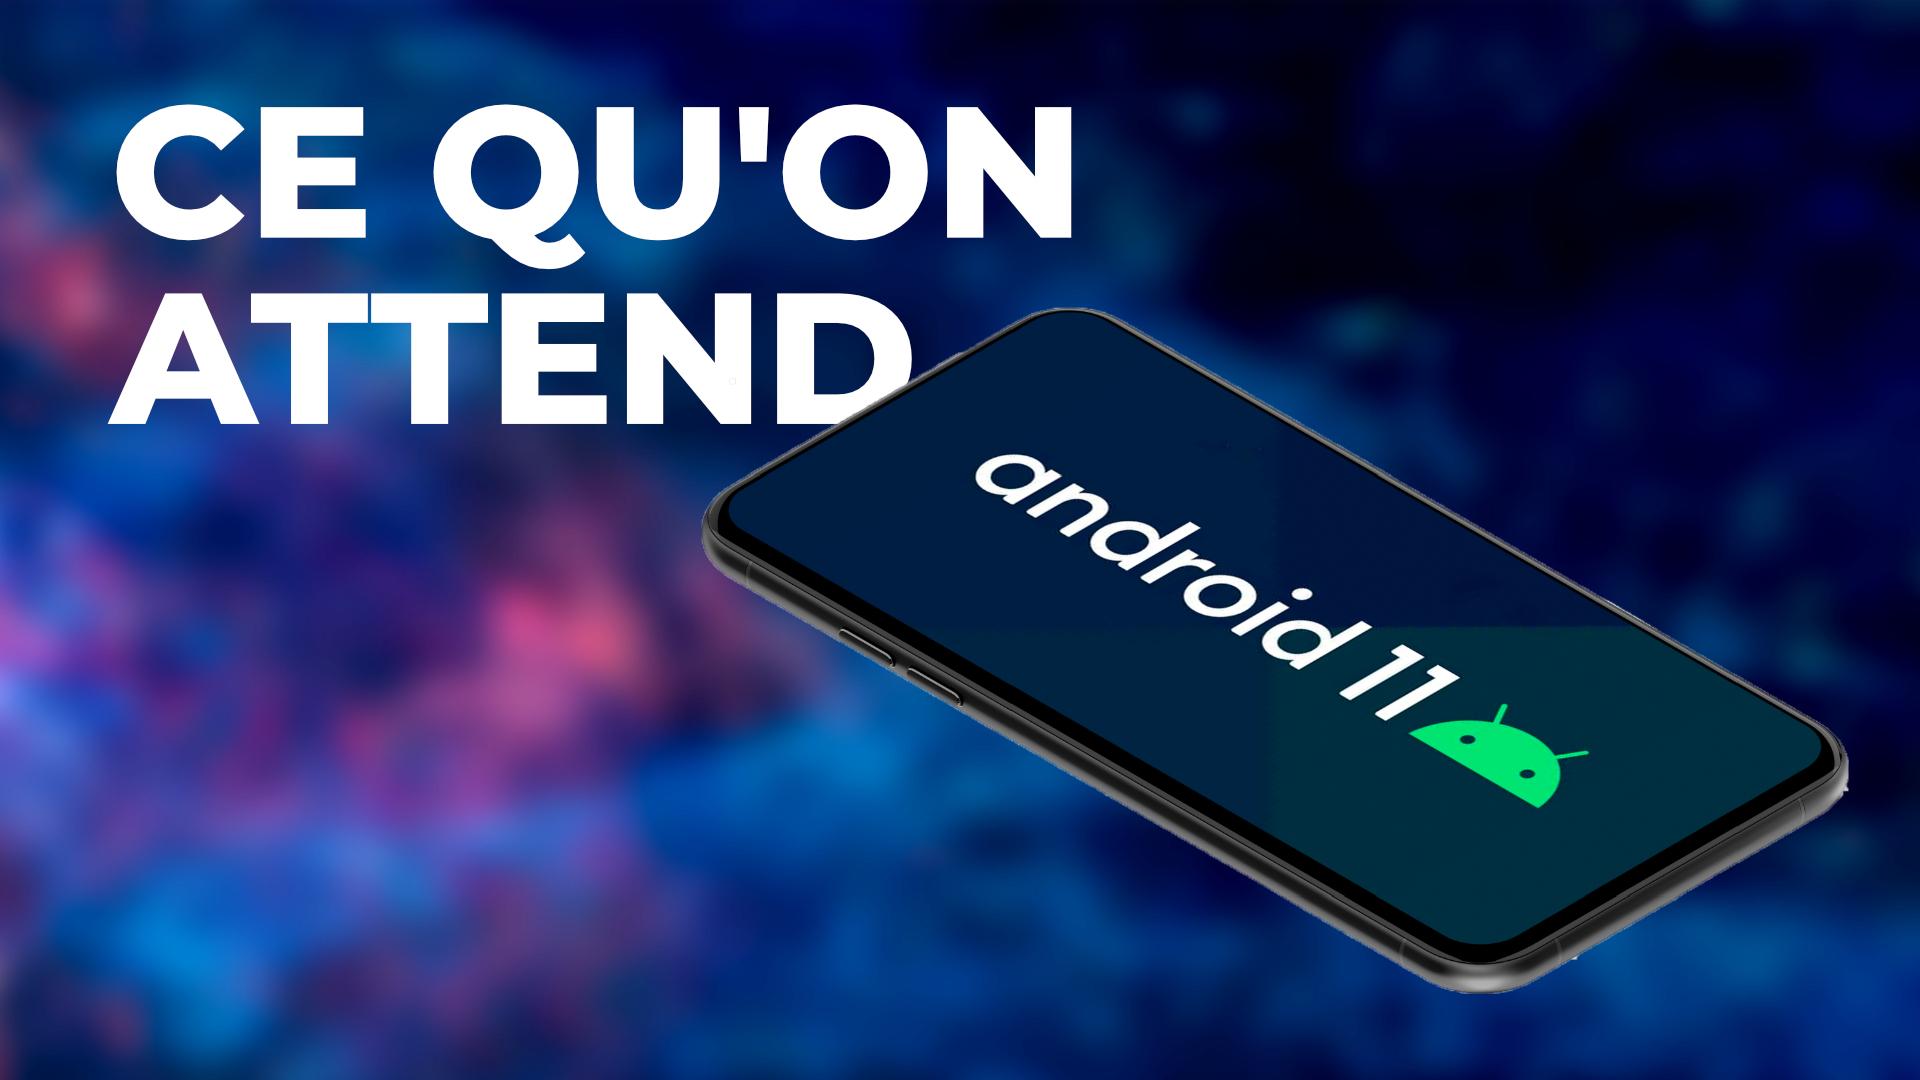 Android 11 : 10 Nouveautés qu'on ATTEND VRAIMENT !